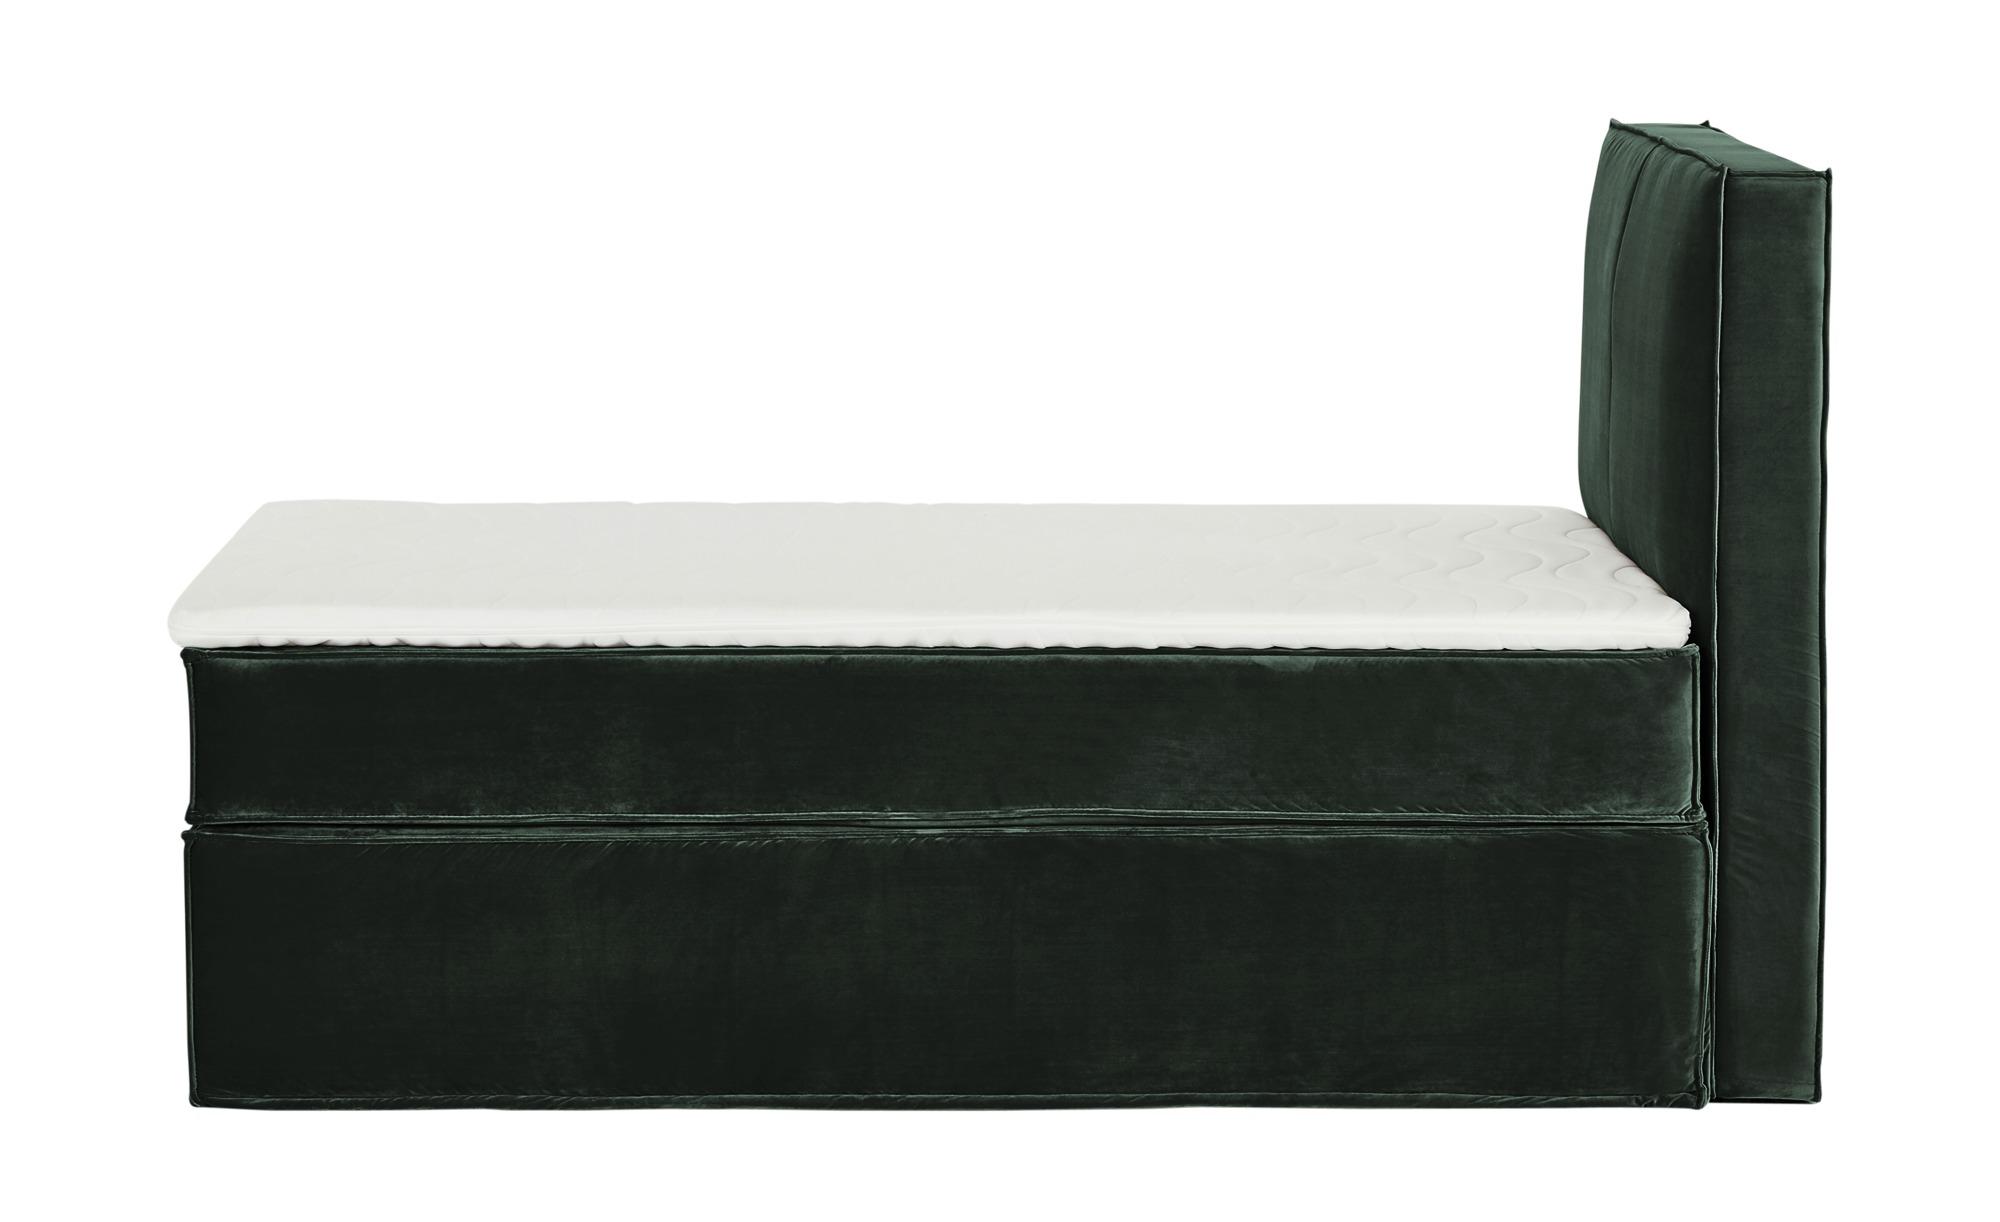 Boxspringbett 140 x 200 cm  Boxi Urbn ¦ grün ¦ Maße (cm): B: 140 H: 125 Betten > Boxspringbetten > Boxspringbetten 140x200 - Höffner